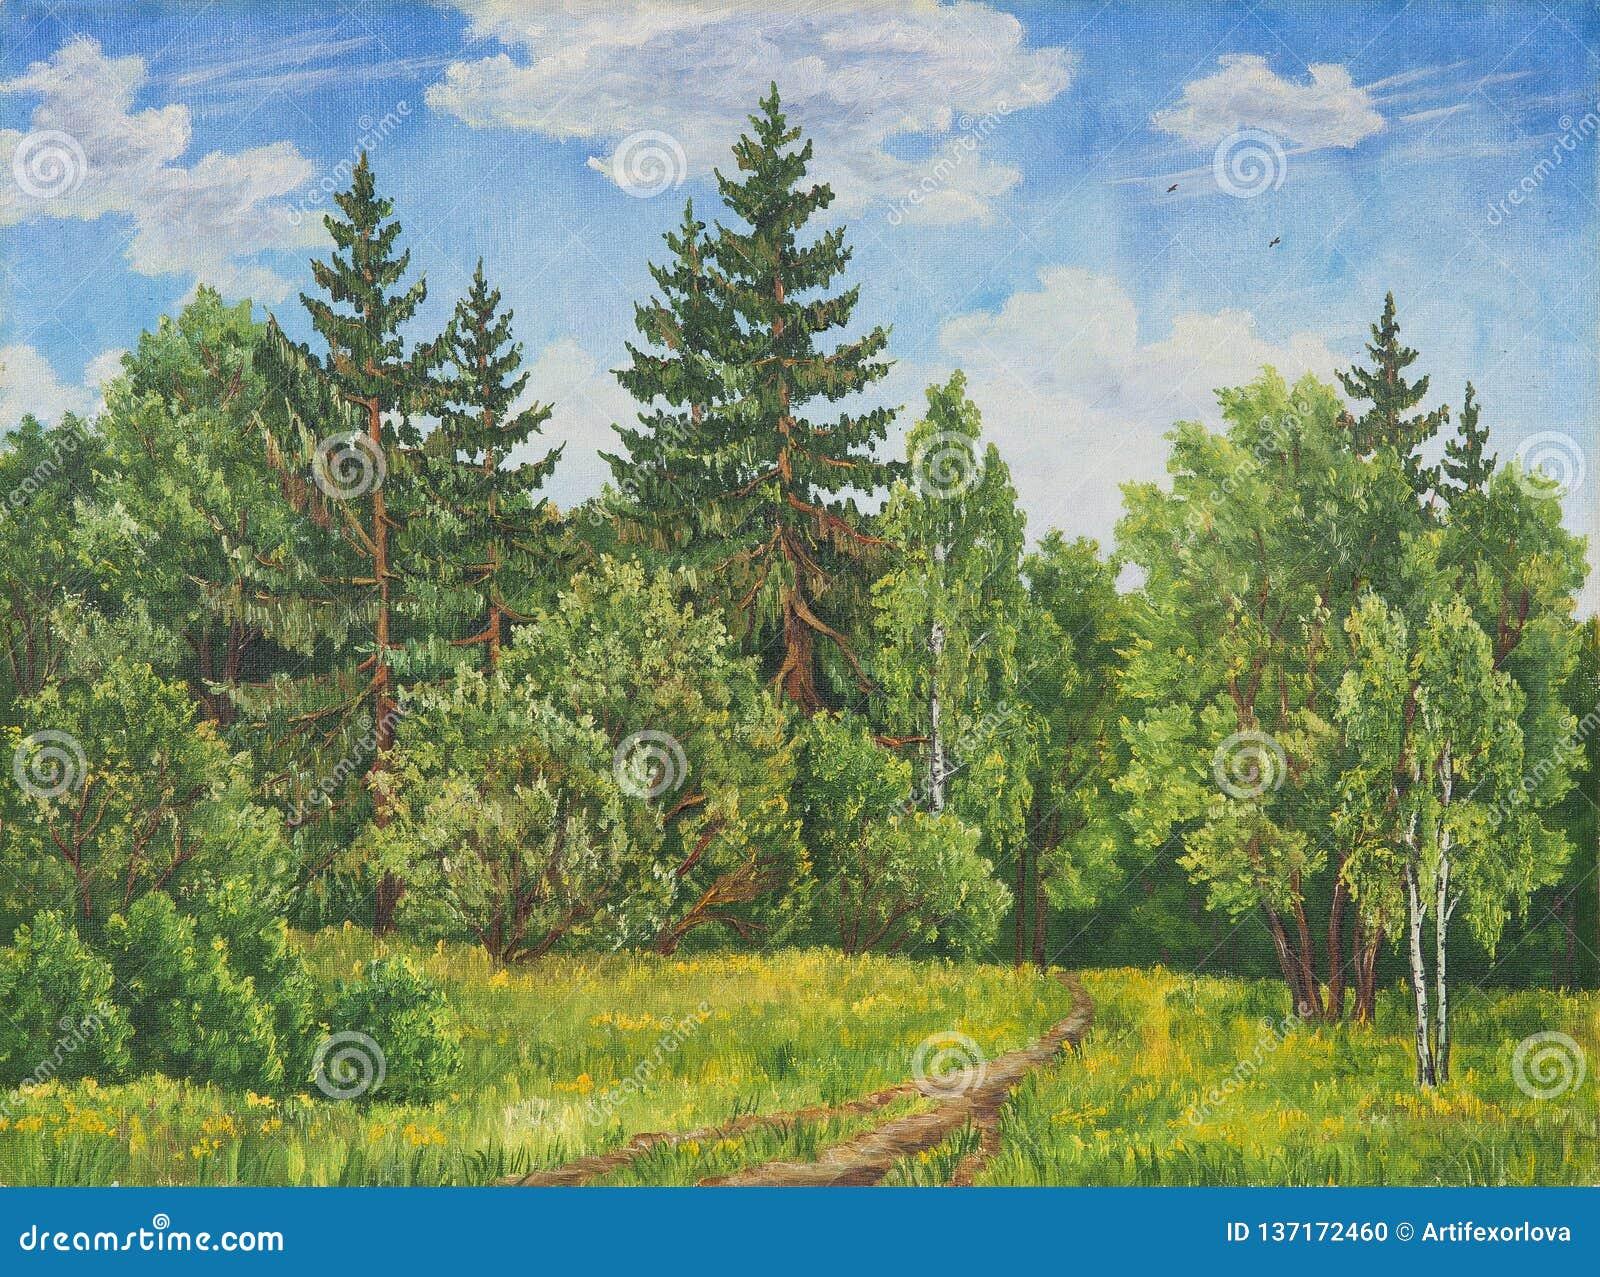 Θερινό αγροτικό τοπίο στη Ρωσία Ένας τομέας και ένα δάσος, μια υψηλή χλόη αφηρημένη αρχική ζωγραφική πετρελαίου καμβά ζωηρόχρωμη